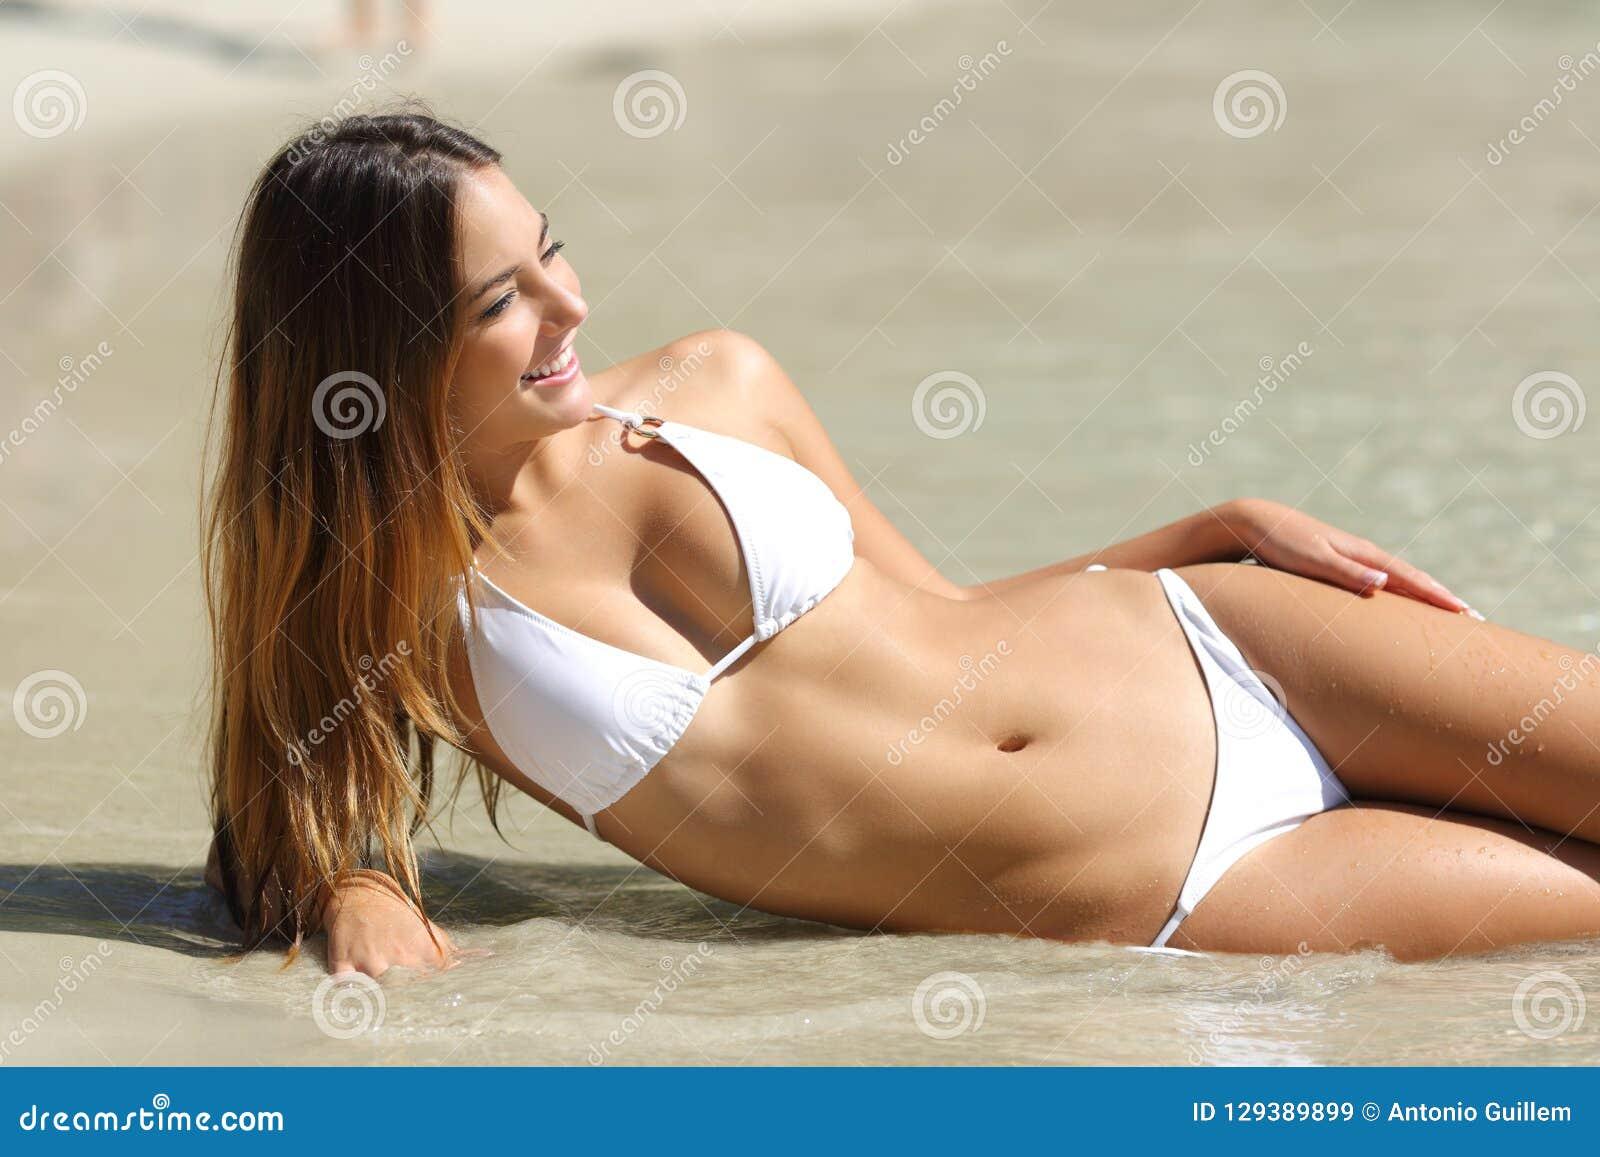 Ente perfetto di una donna in bikini che si trova sulla spiaggia